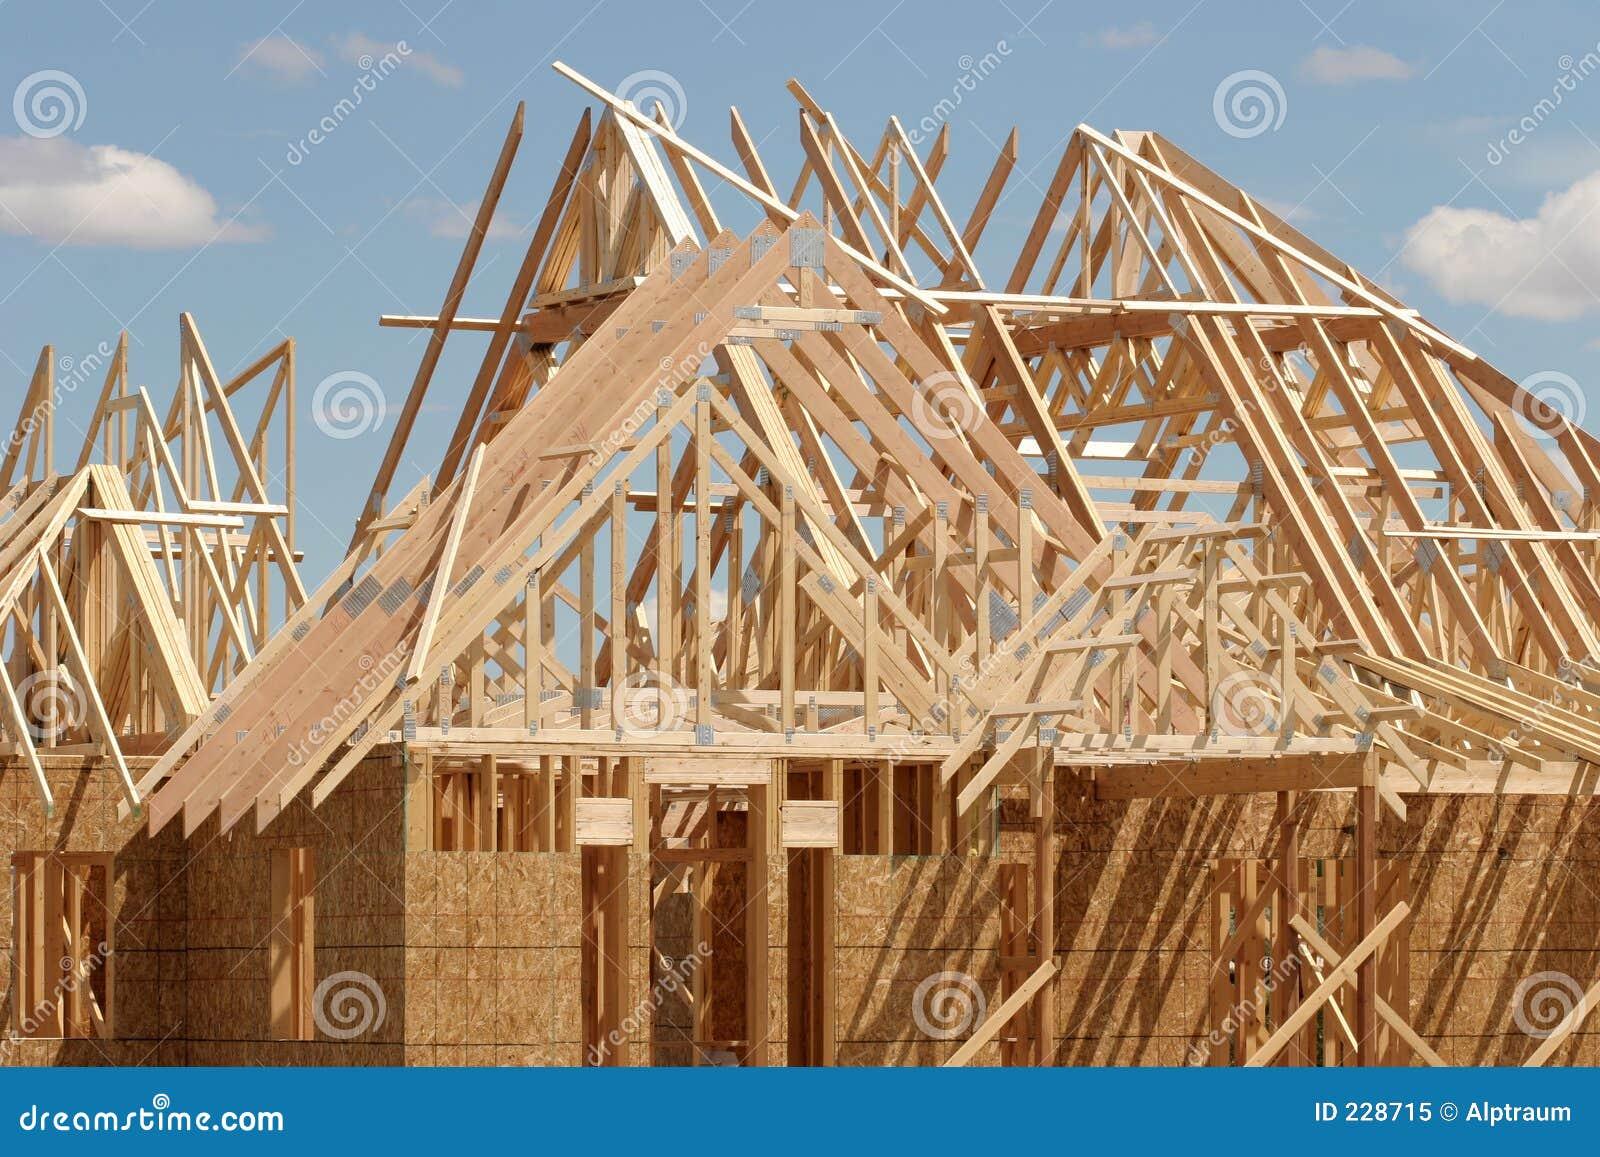 aufbau dach stockbild bild von aufbau holz planken 228715. Black Bedroom Furniture Sets. Home Design Ideas